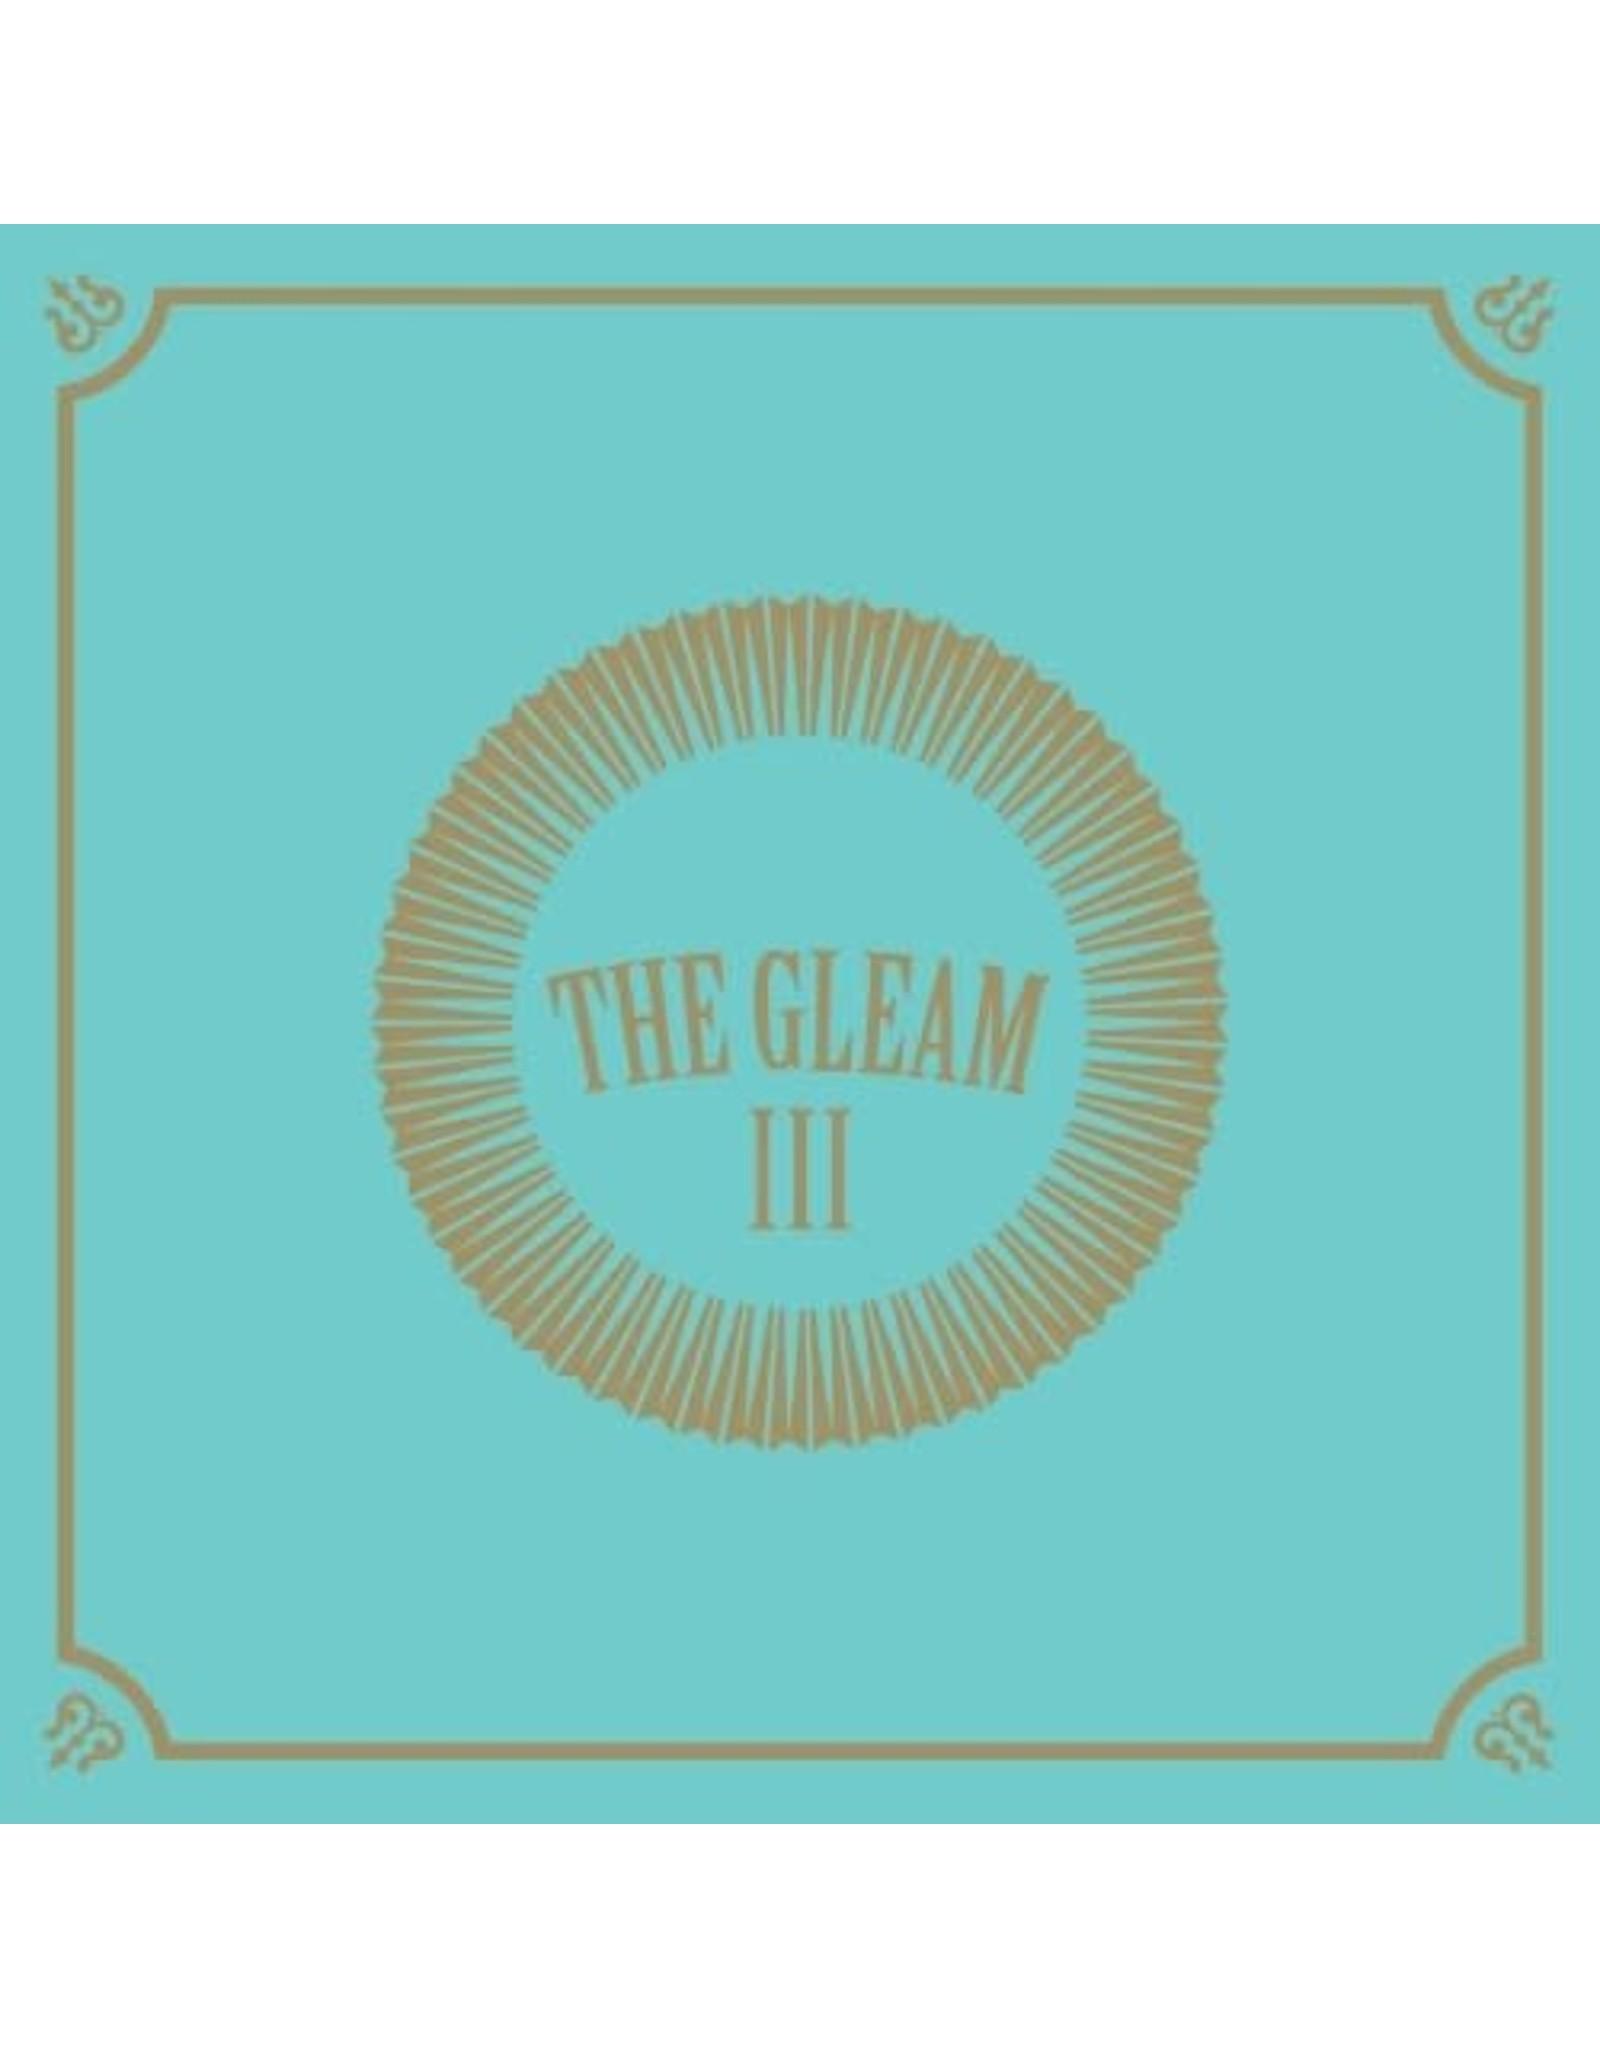 Avett Brothers - Third Gleam LP